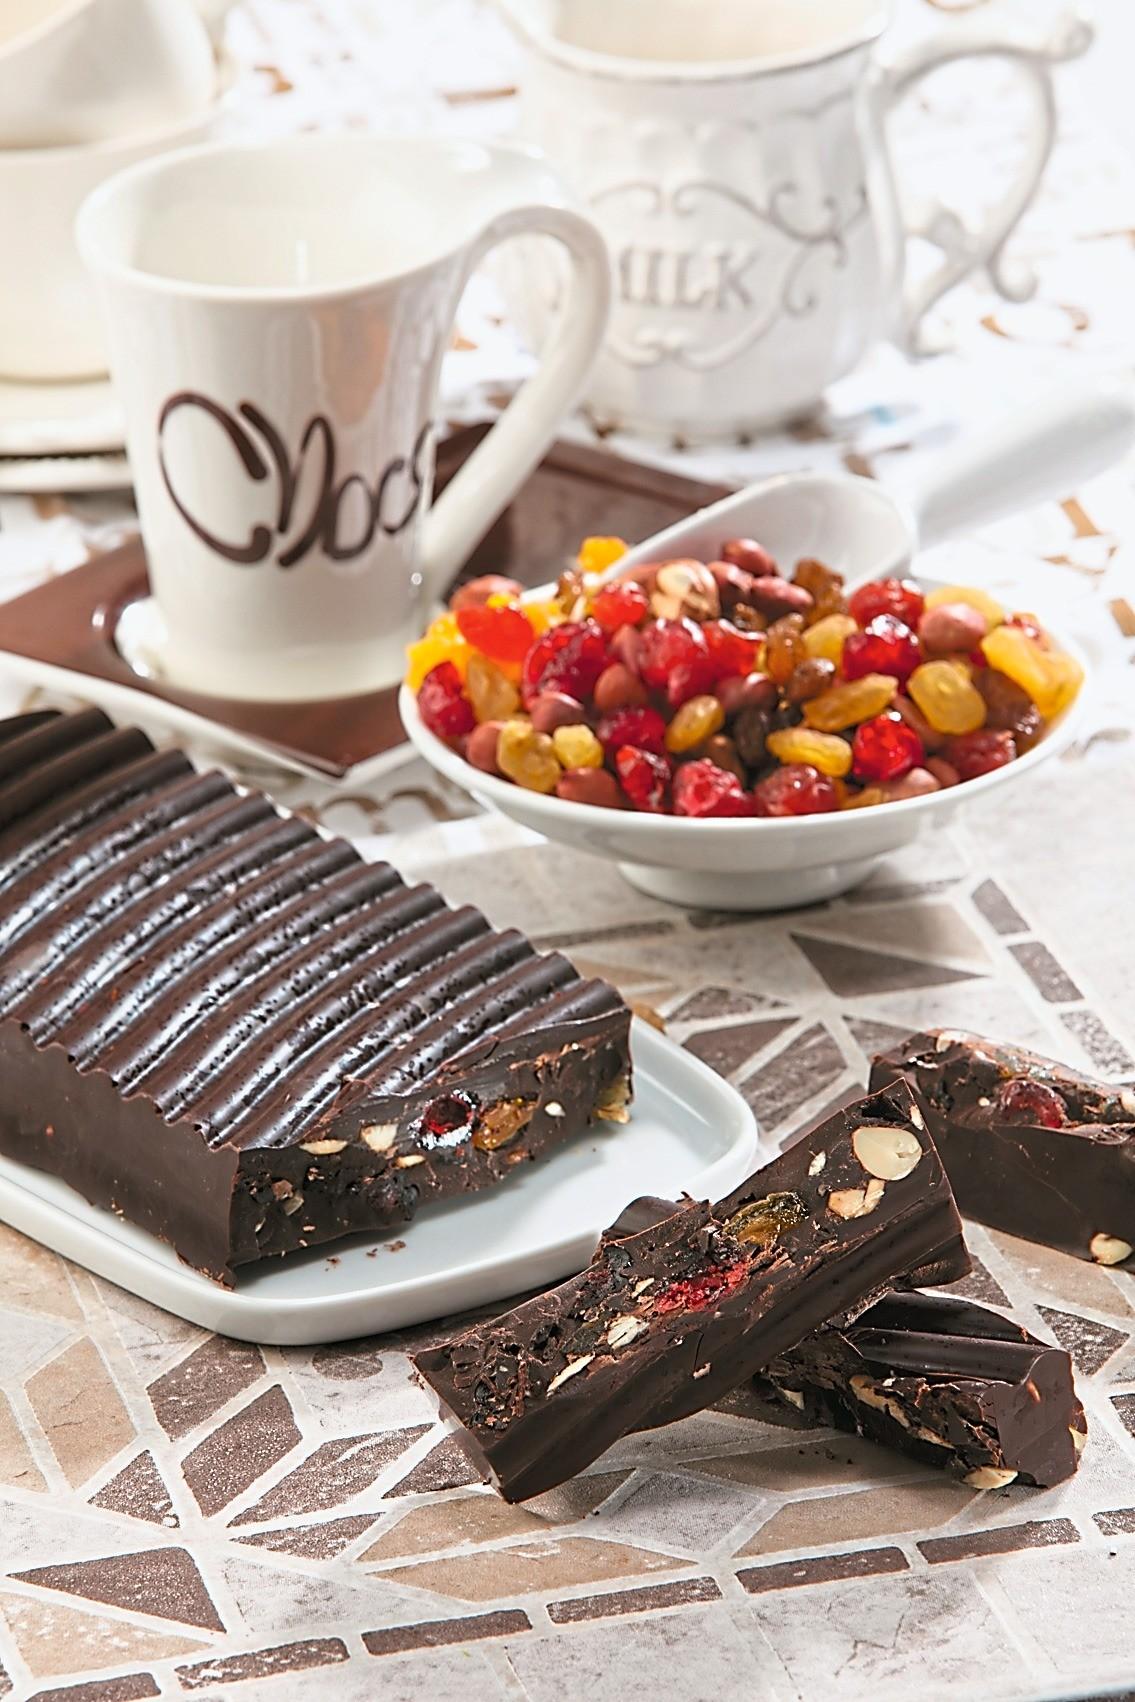 Вместо сникерса: рецепт козинака с шоколадом